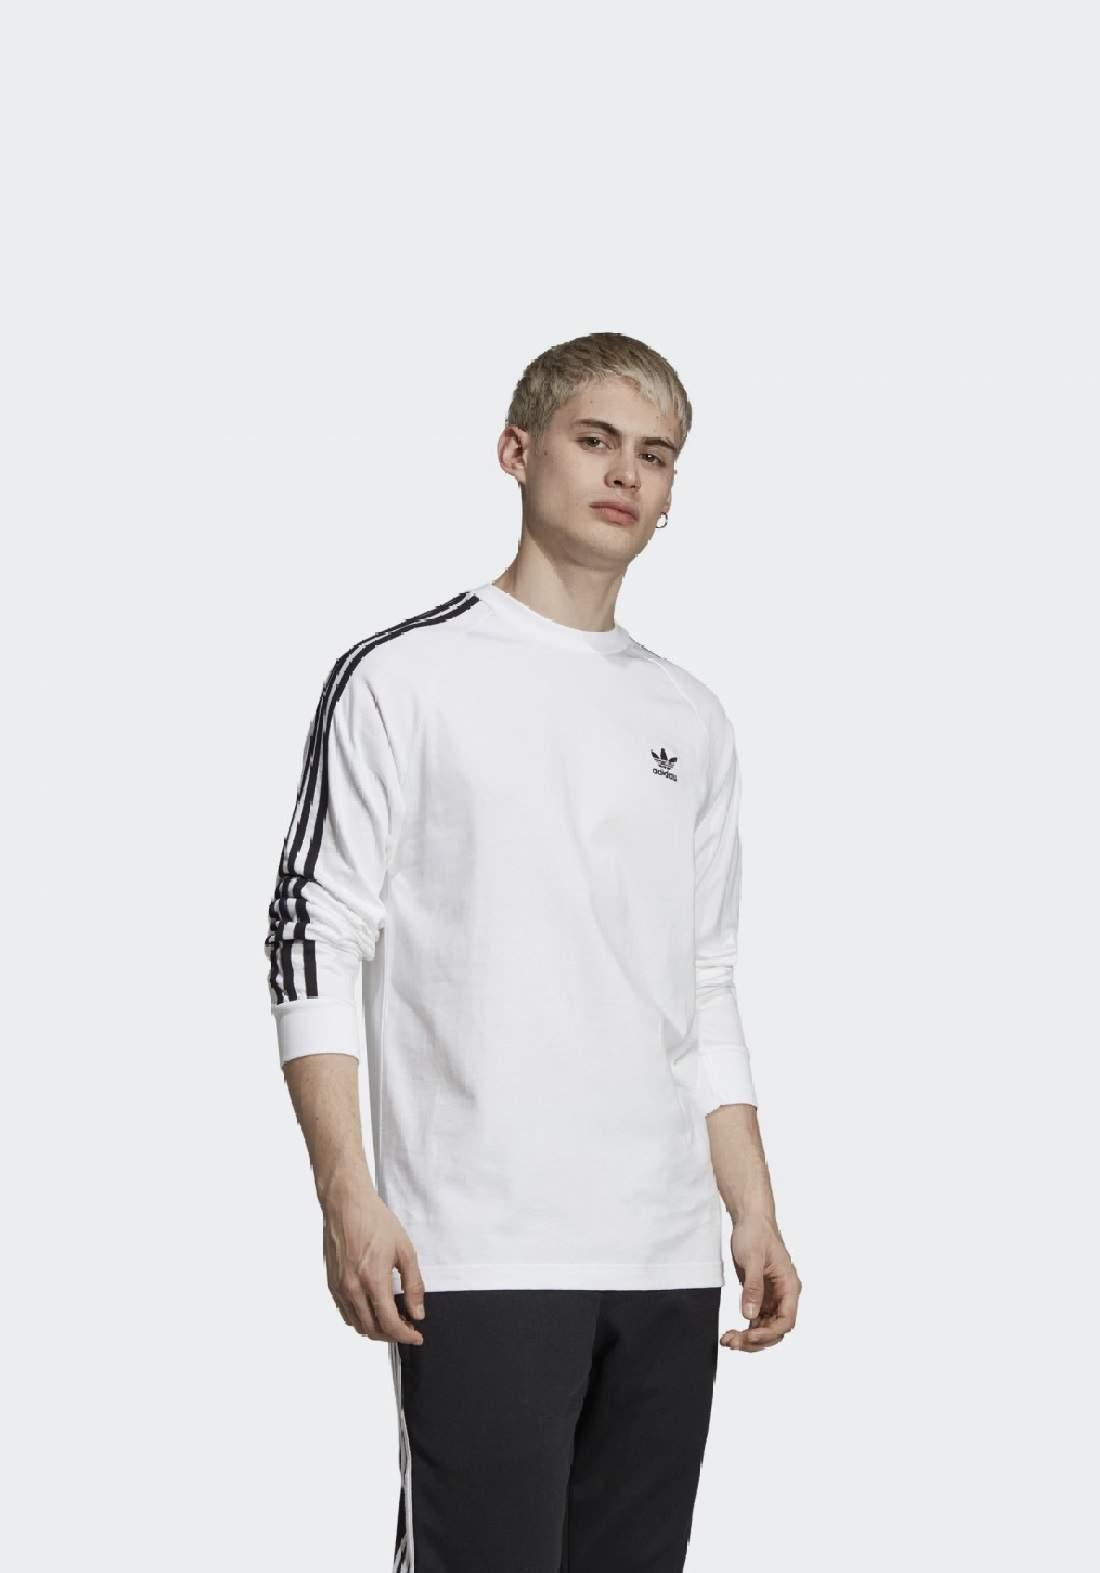 Adidas تيشيرت رجالي رياضي بأكمام طويلة ابيض اللون من